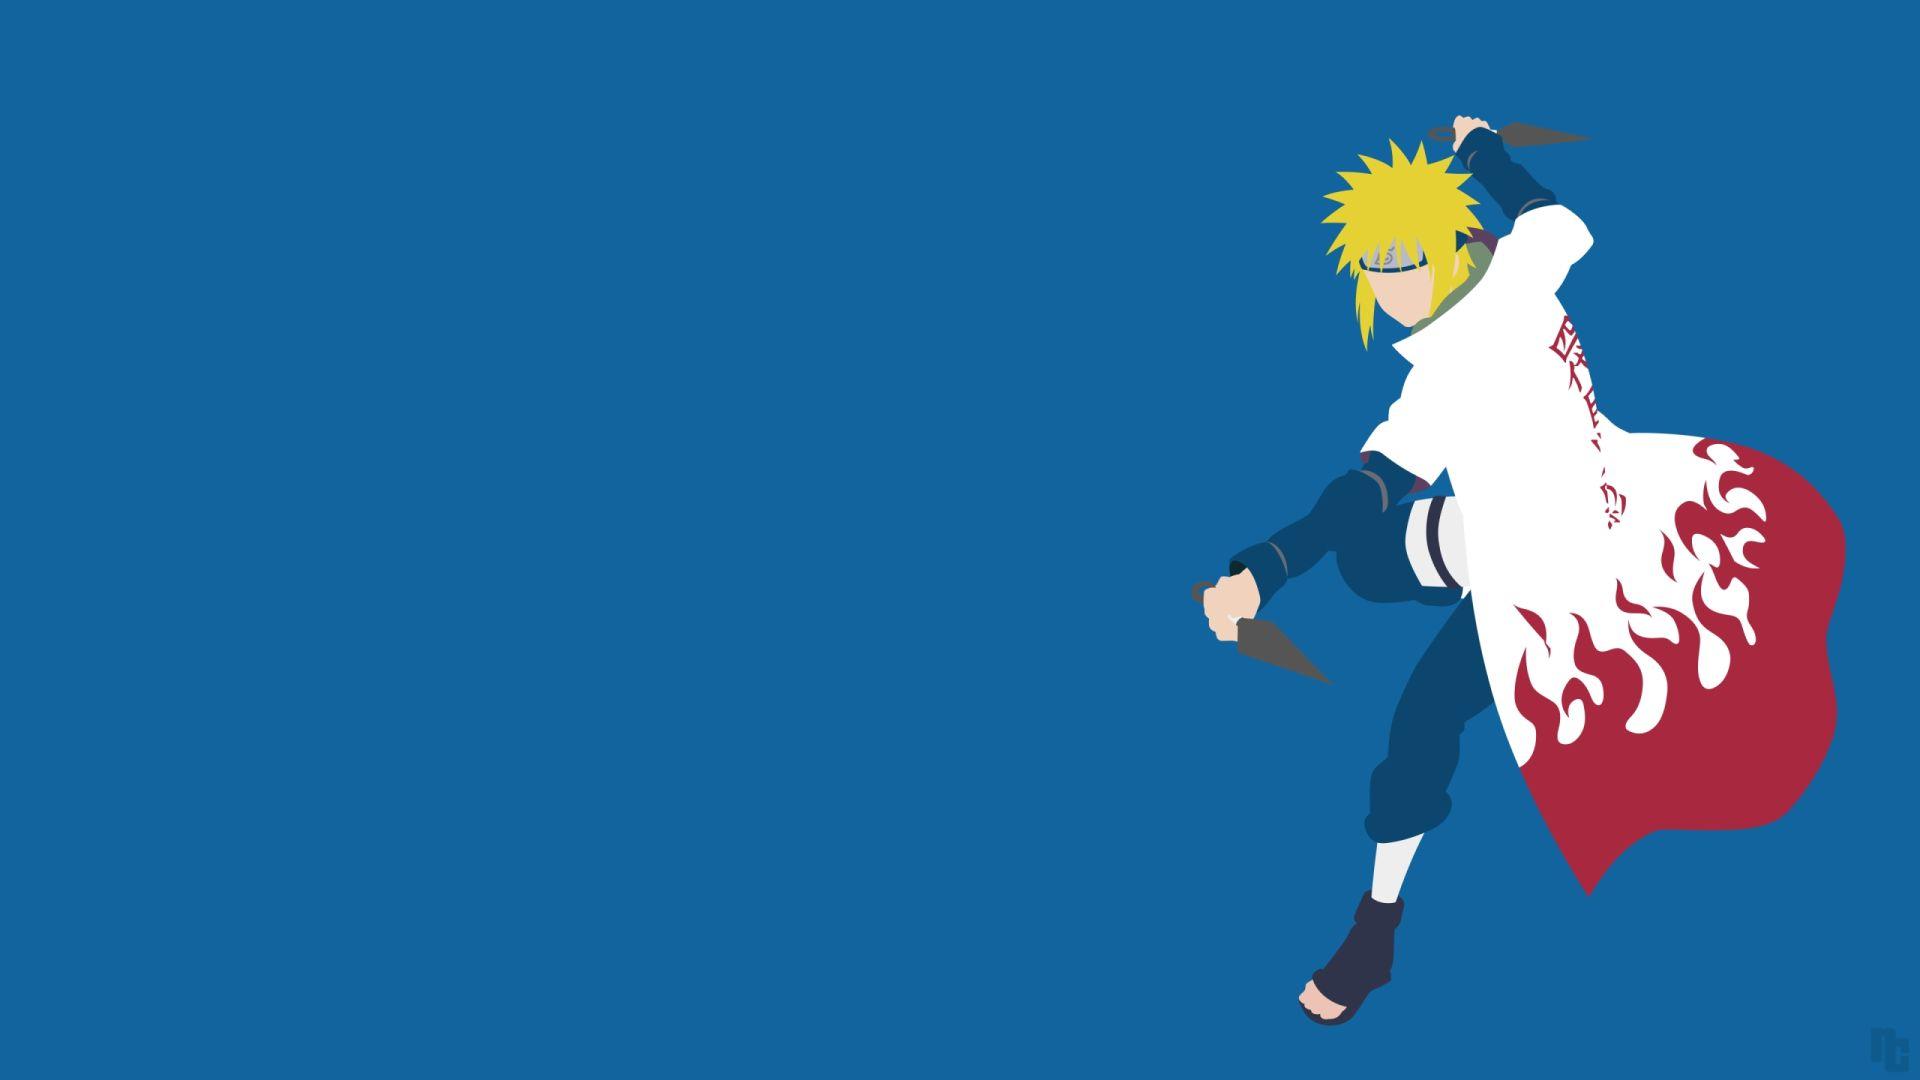 Naruto Minimalist, Picture